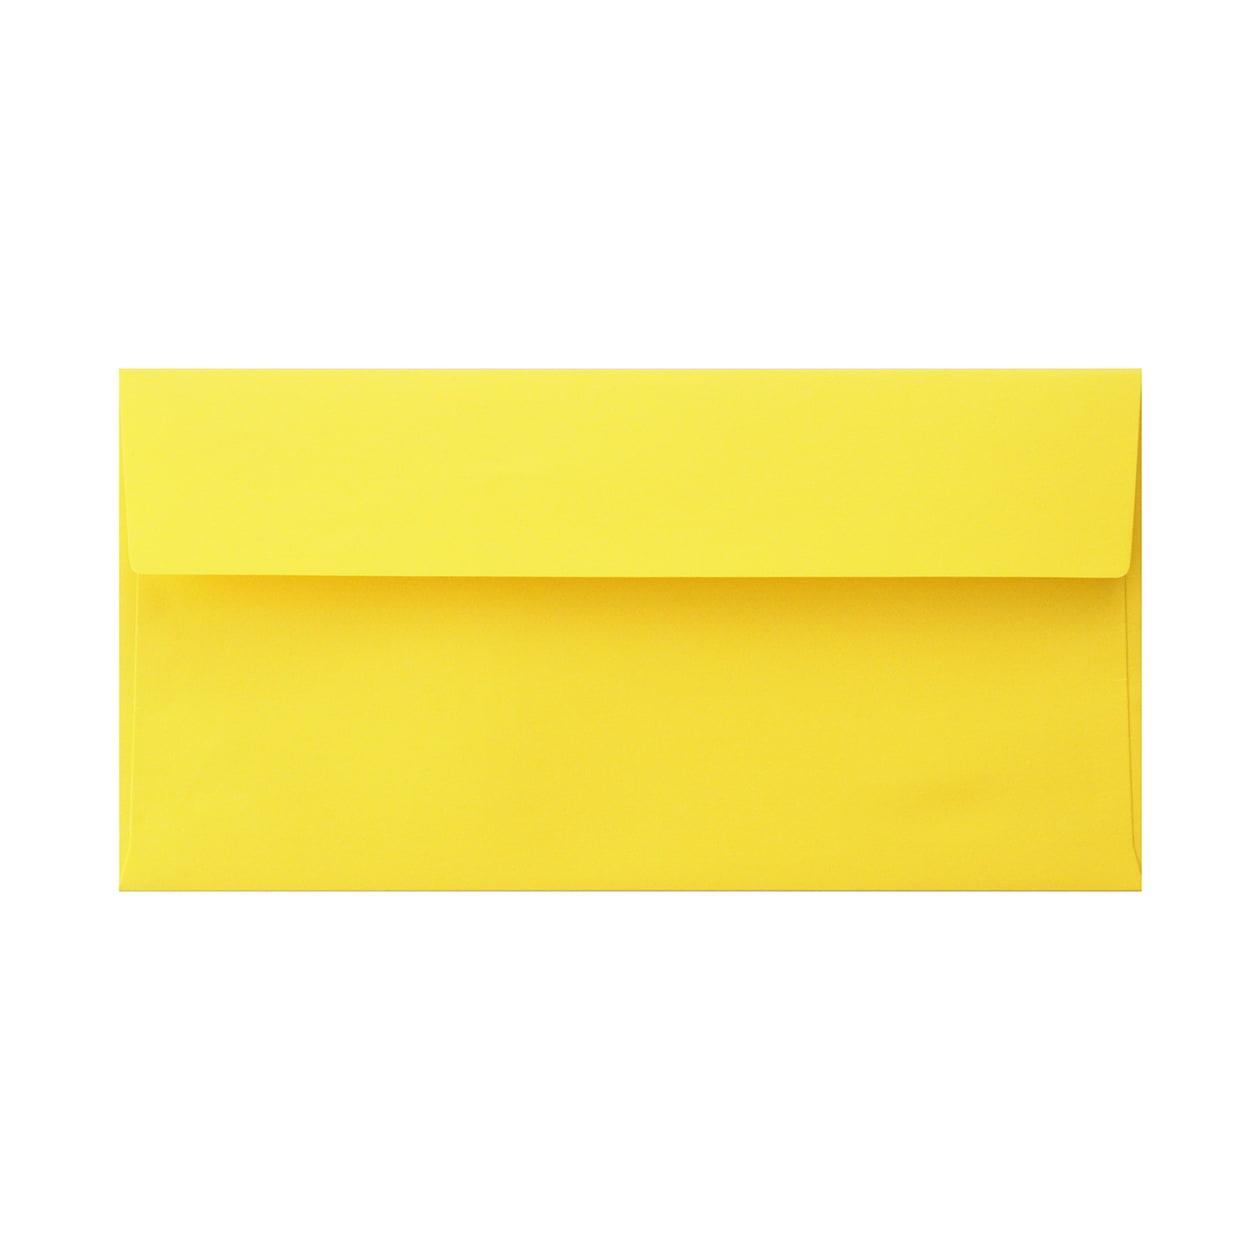 見本 00012 長3カマス封筒 コットン ひまわり 116.3g